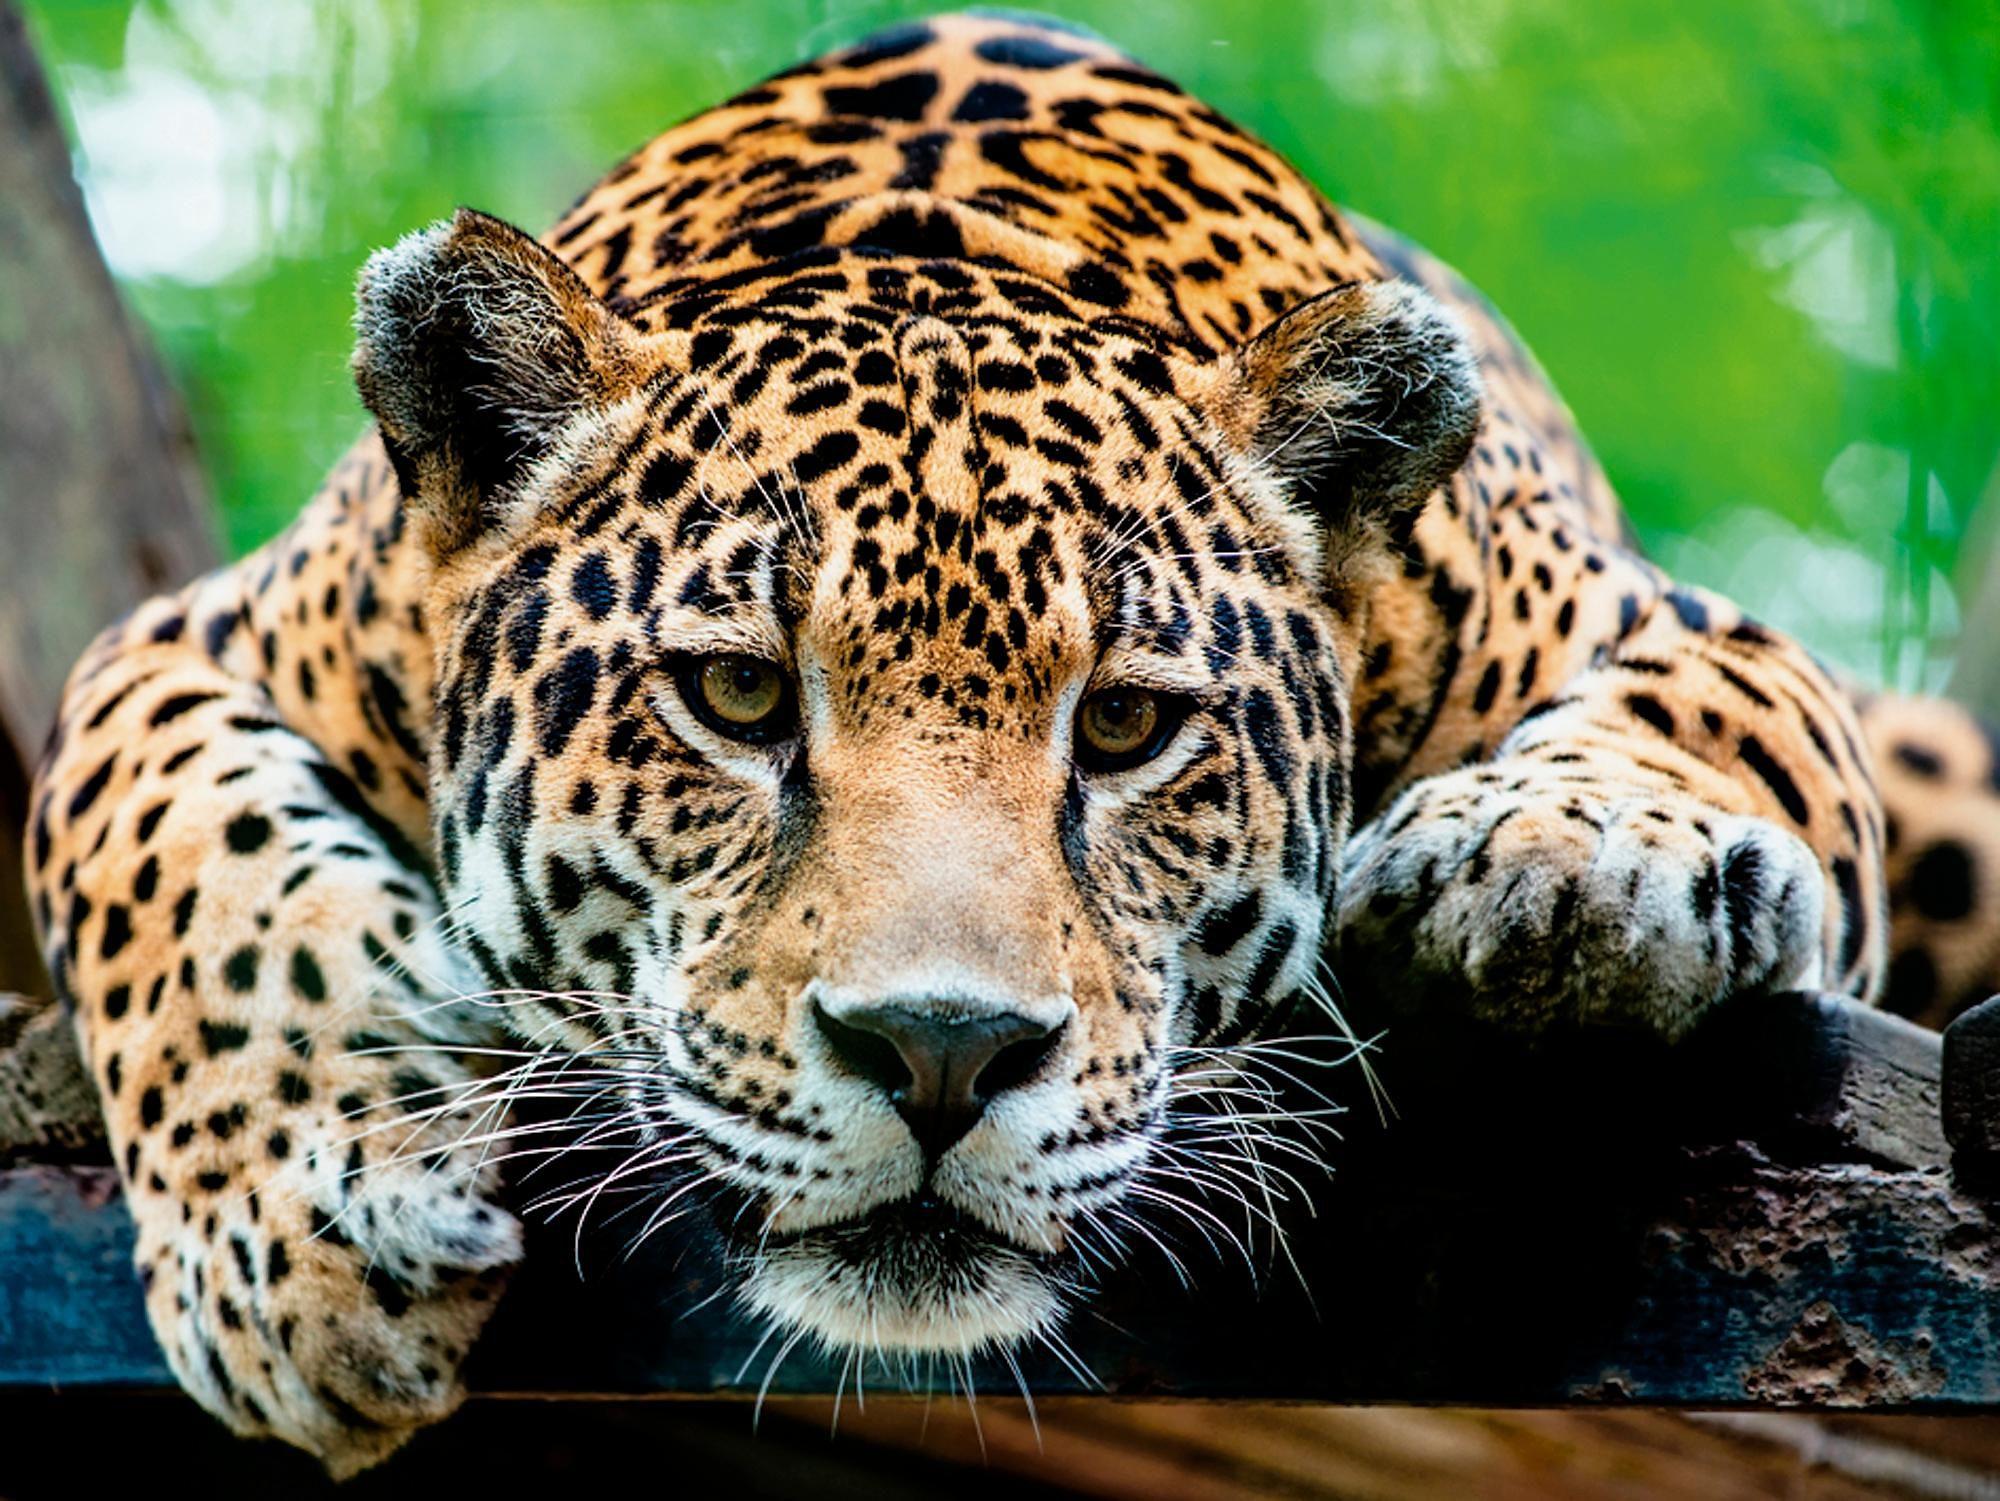 Home affaire Glasbild »R. Hainer: Südamerikanischer Jaguar«, 80/60 cm